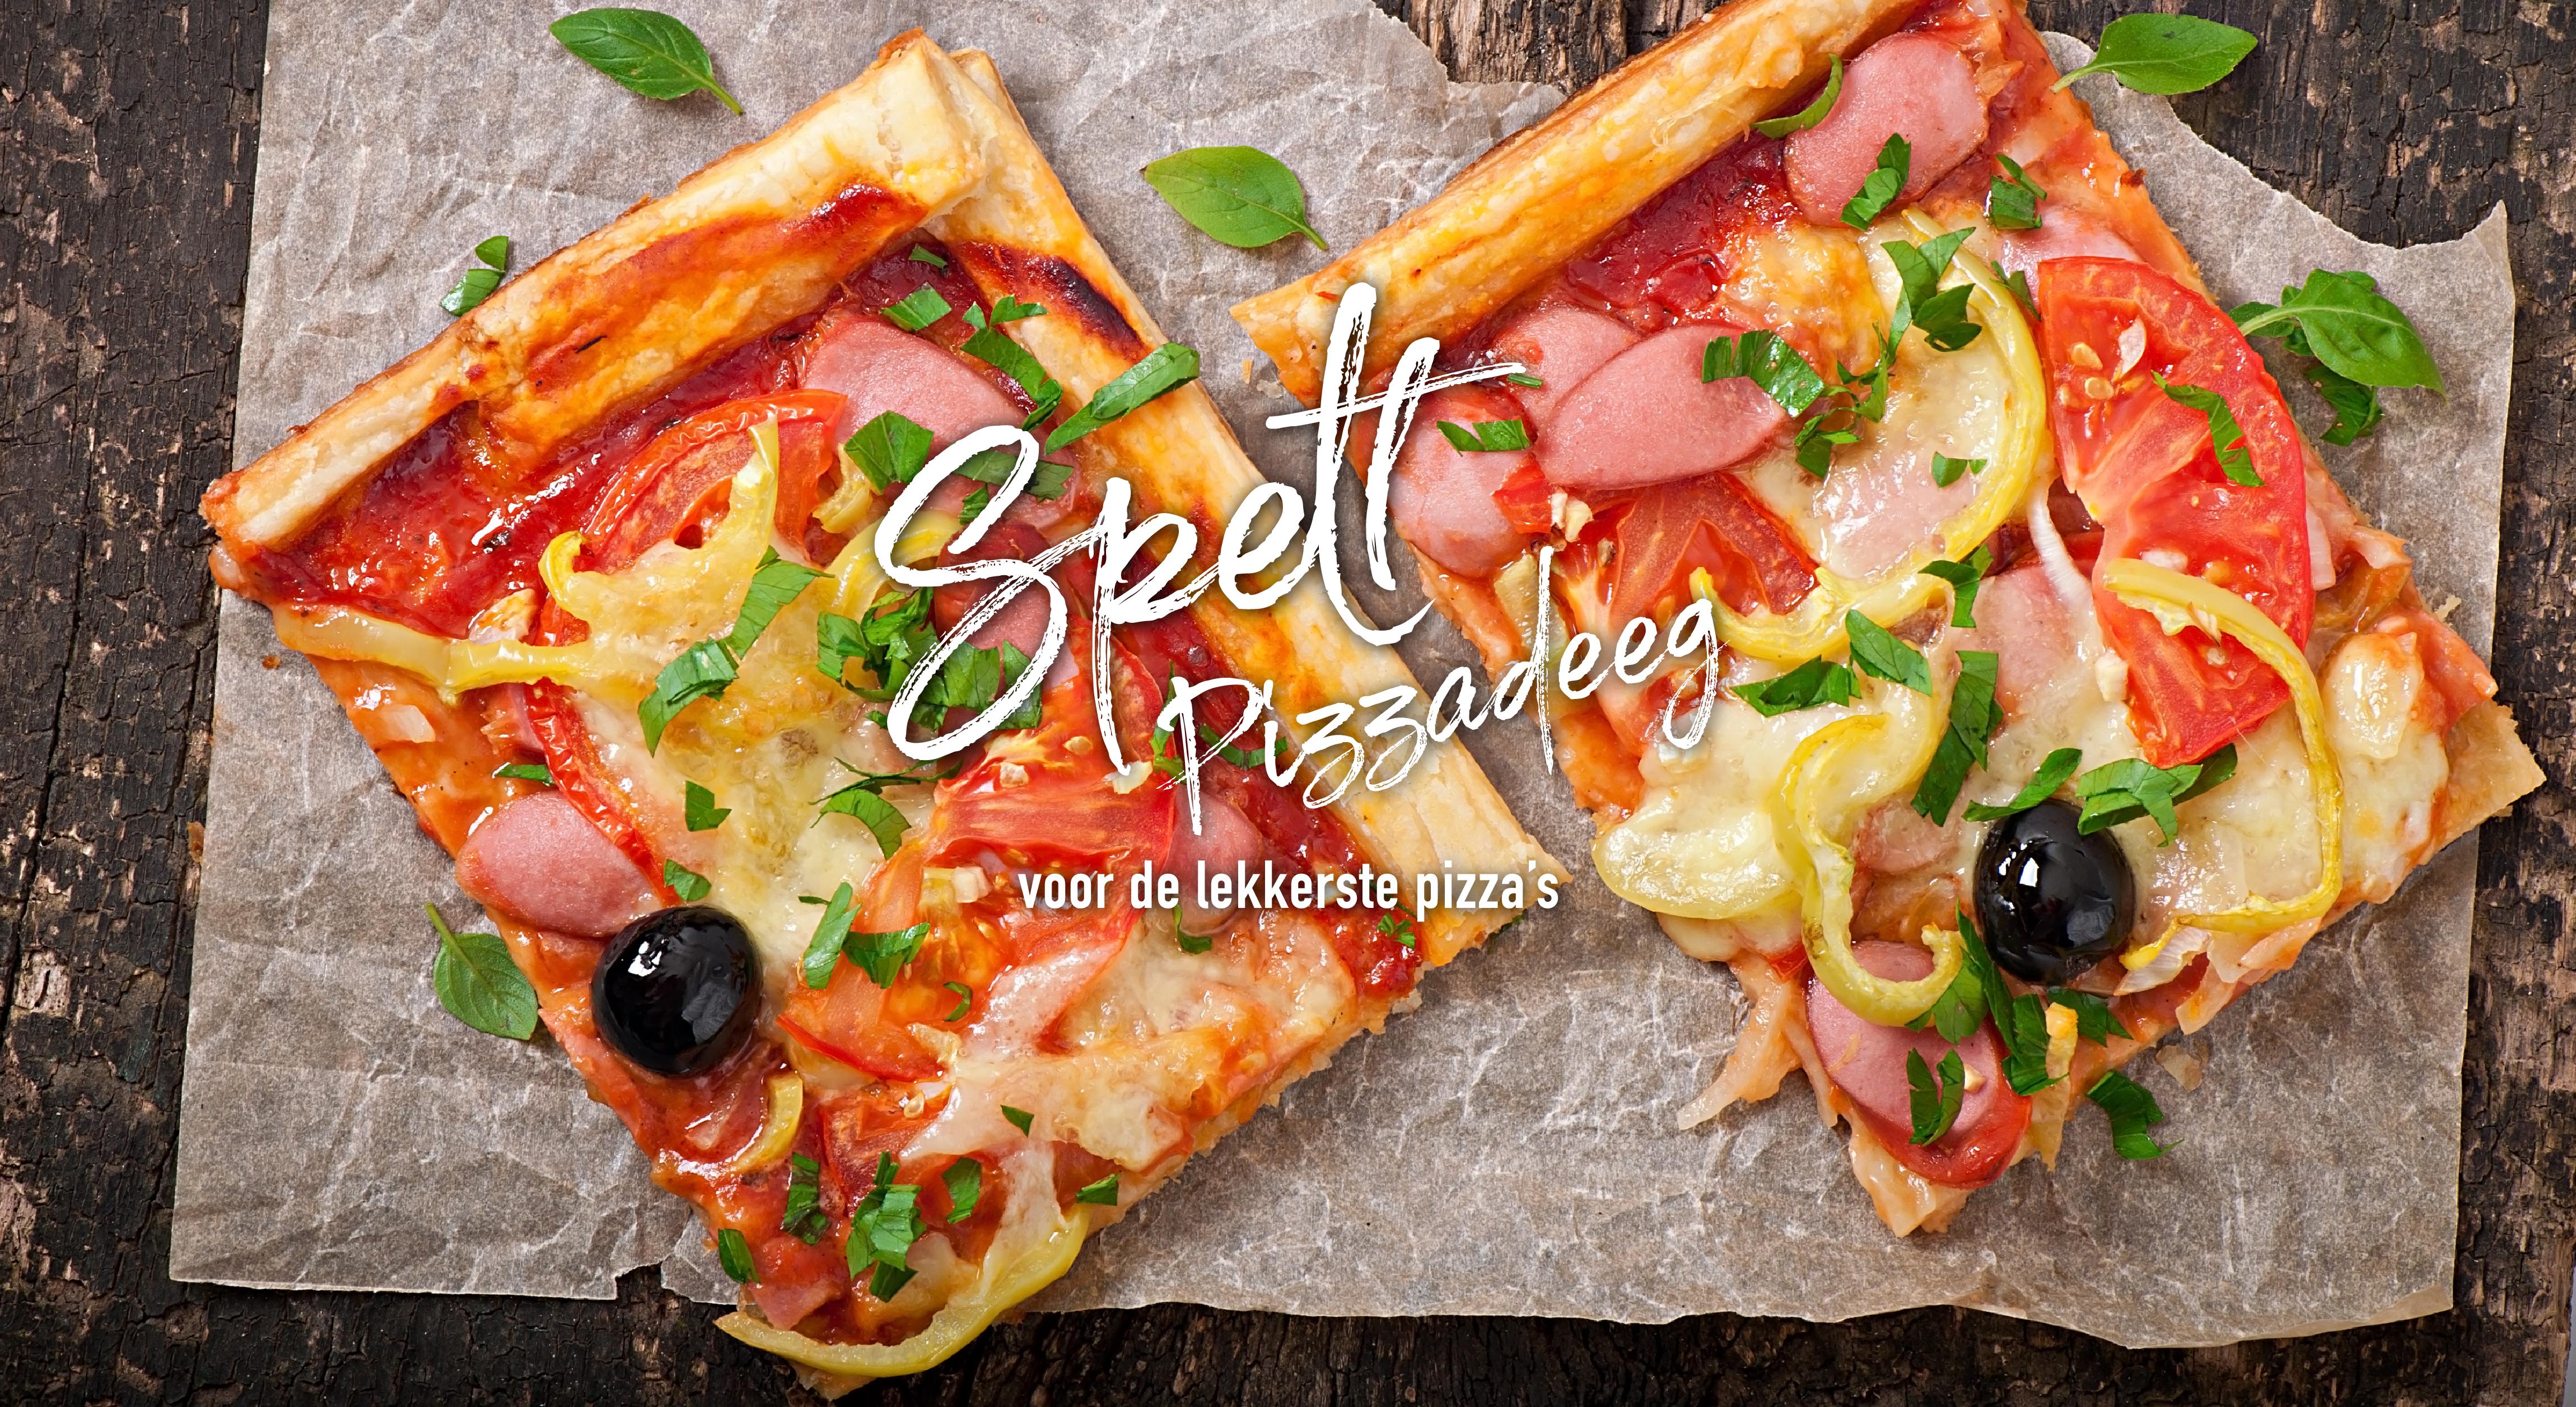 Spelt-pizzadeeg voor de lekkerste pizza's - Tante Fanny